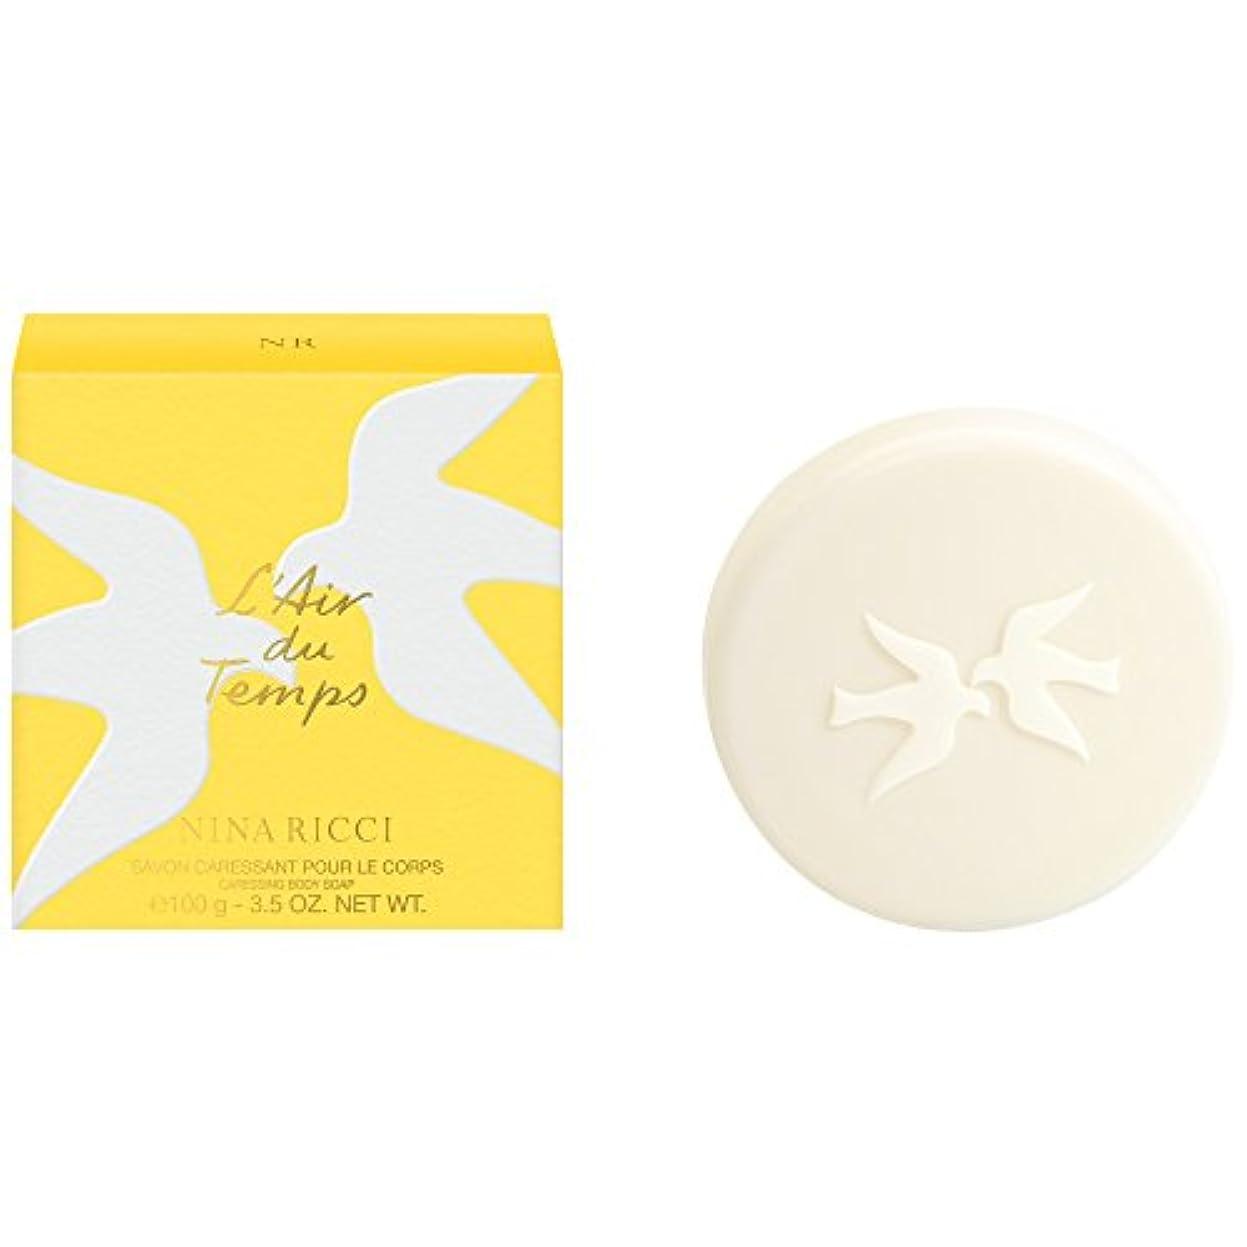 してはいけませんステレオ抽象ニナリッチL'空気デュは石鹸の100グラムをタン (Nina Ricci) (x6) - Nina Ricci L'Air du Temps Soap 100g (Pack of 6) [並行輸入品]